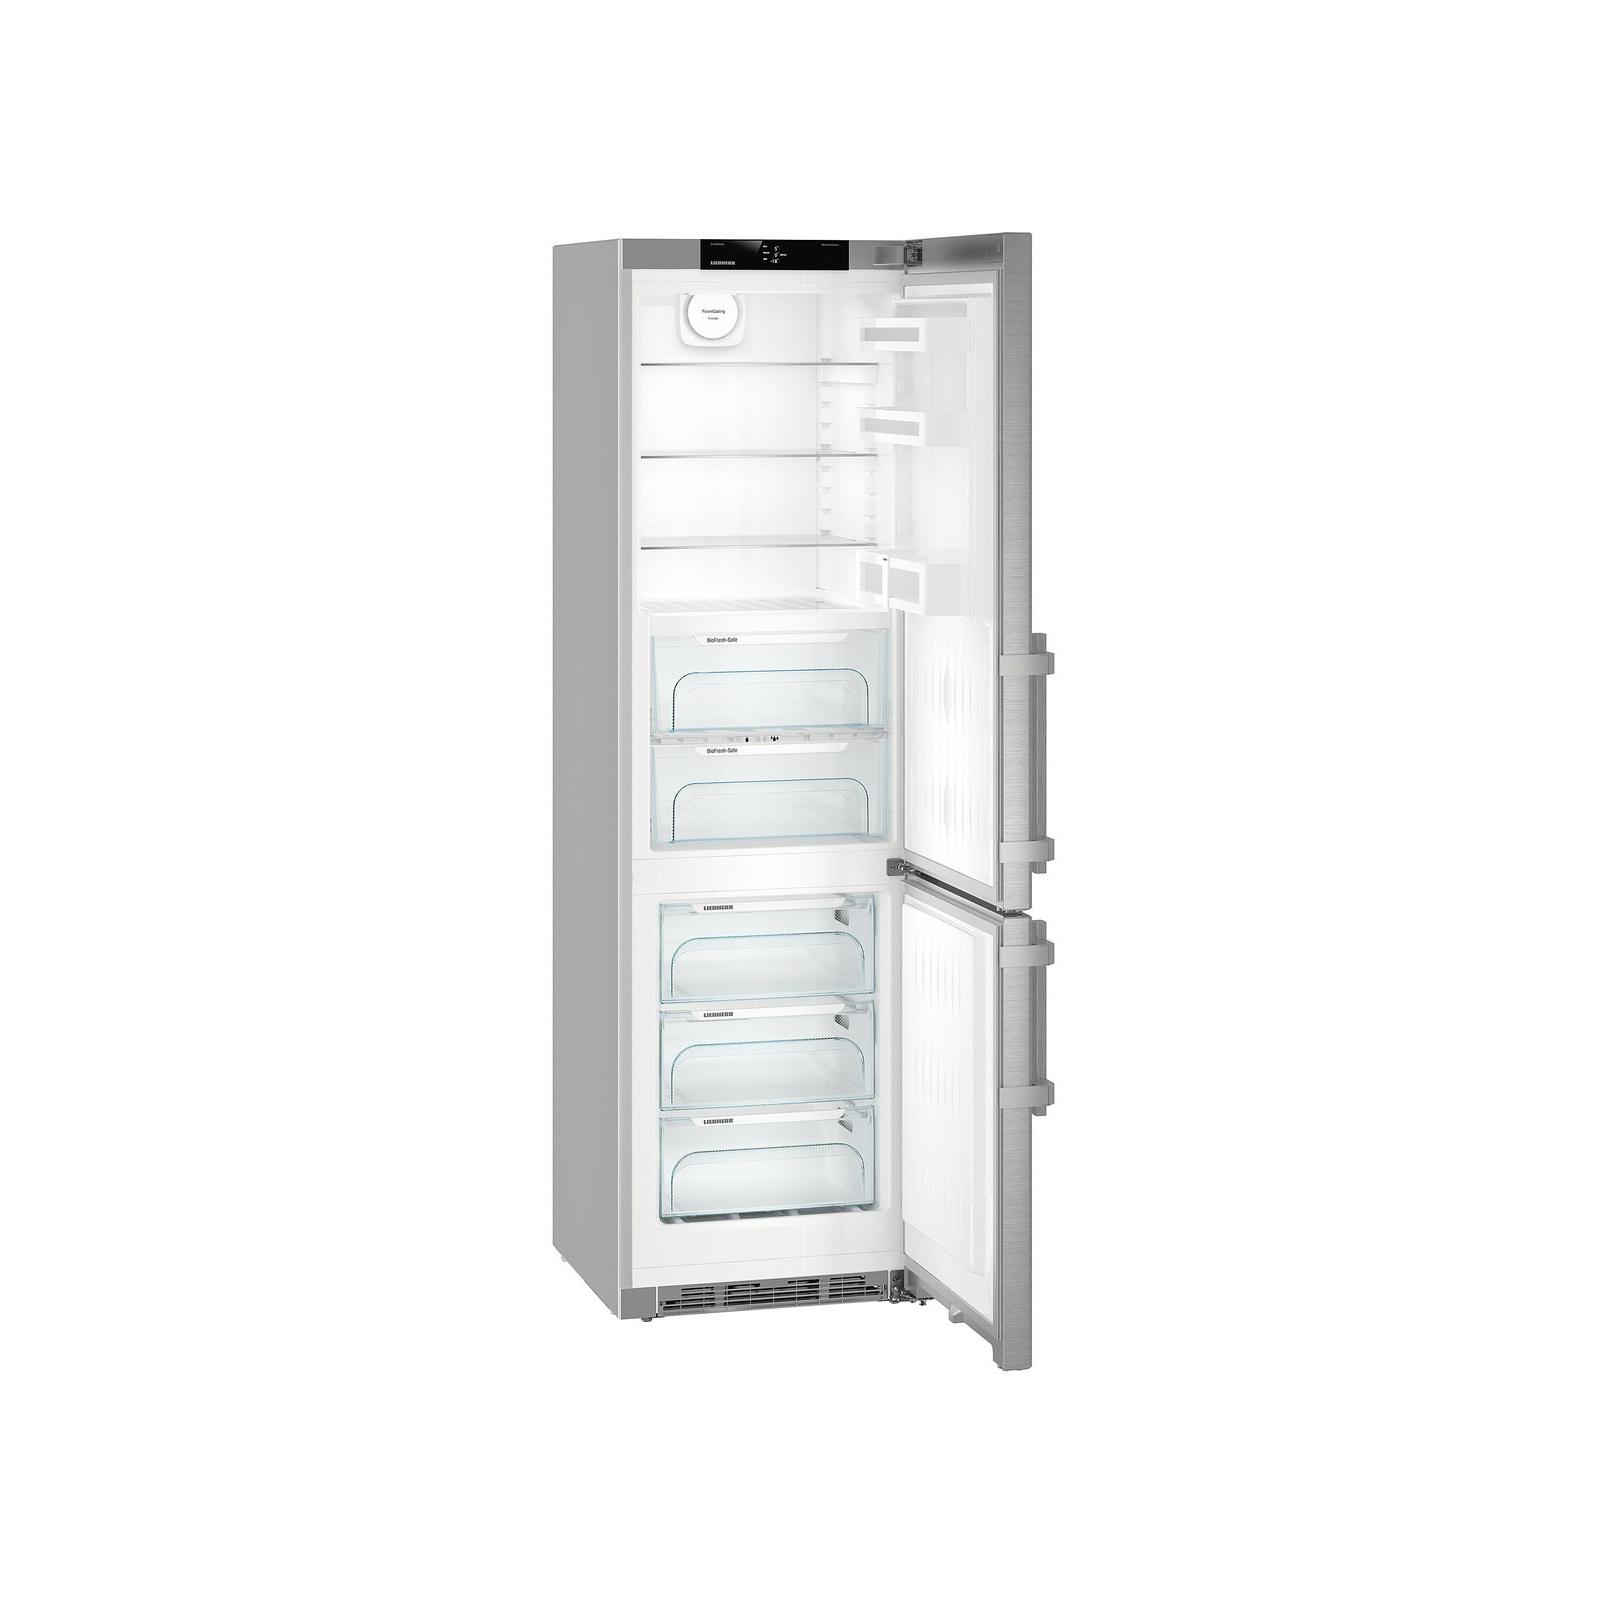 Холодильник Liebherr CBef 4815 изображение 3